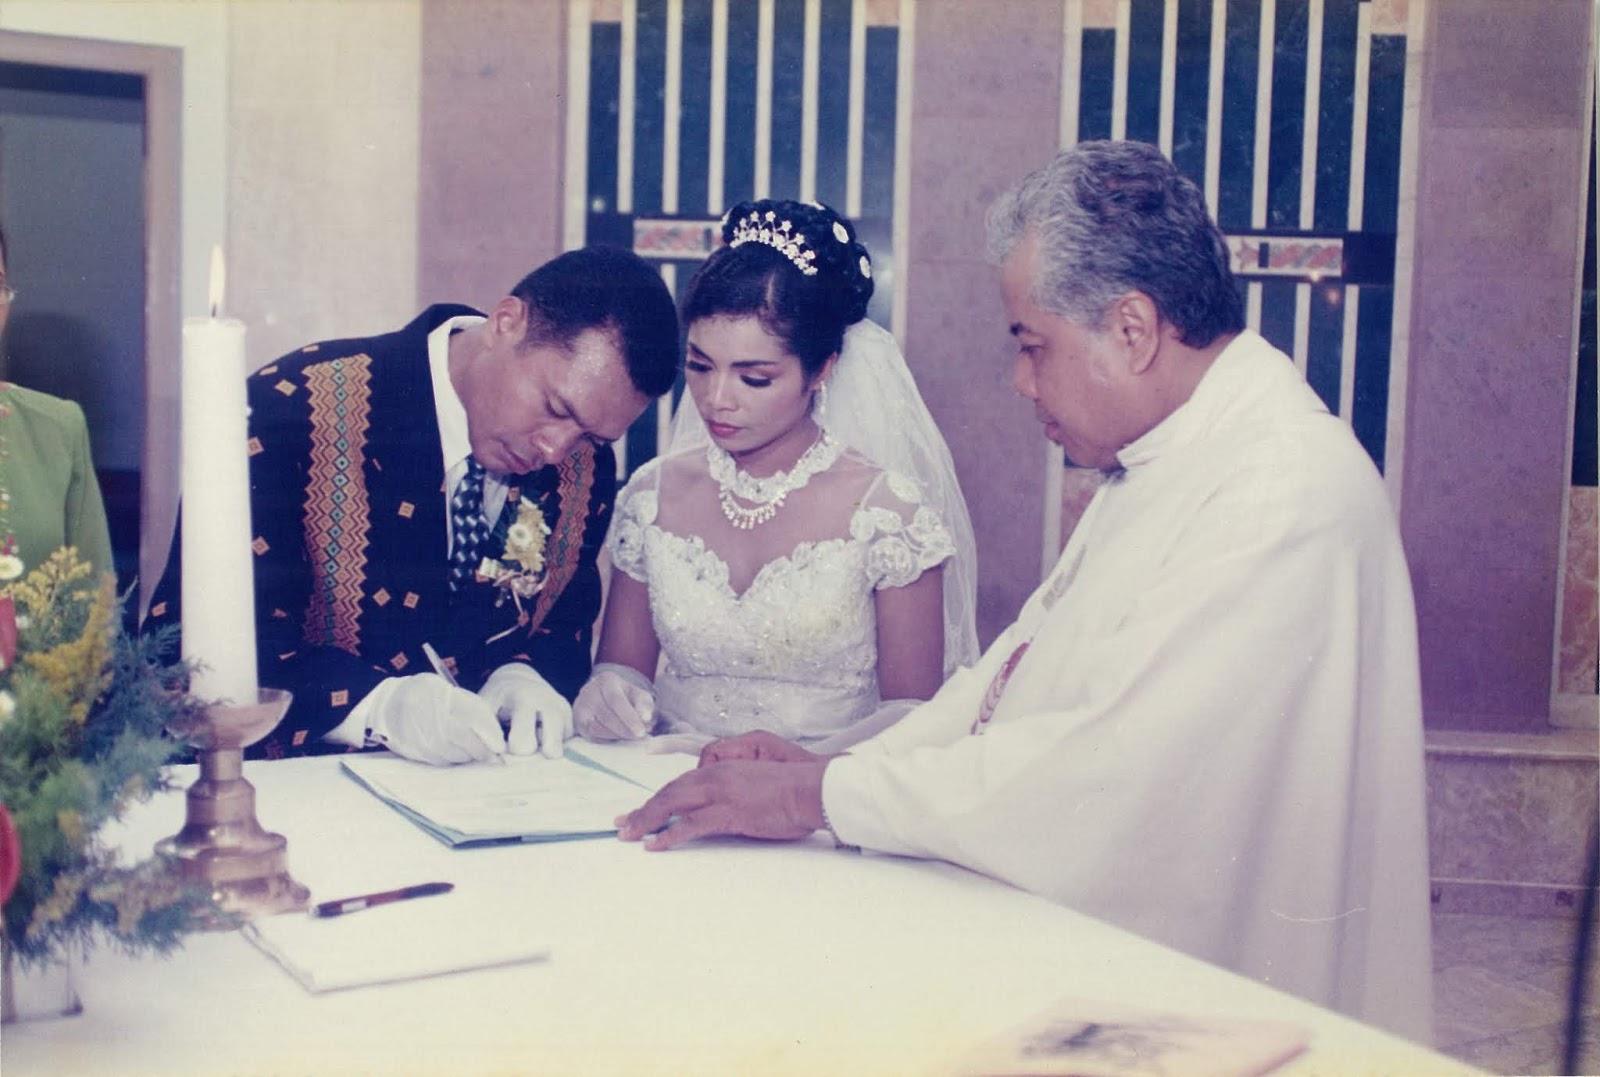 Perkawinan Dalam Tradisi Katolik - Perkawinan Katolik Bersifat Monogami, Ulasan Lengkap Perkawinan Katolik Tak Terceraikan Begini Penjelasannya